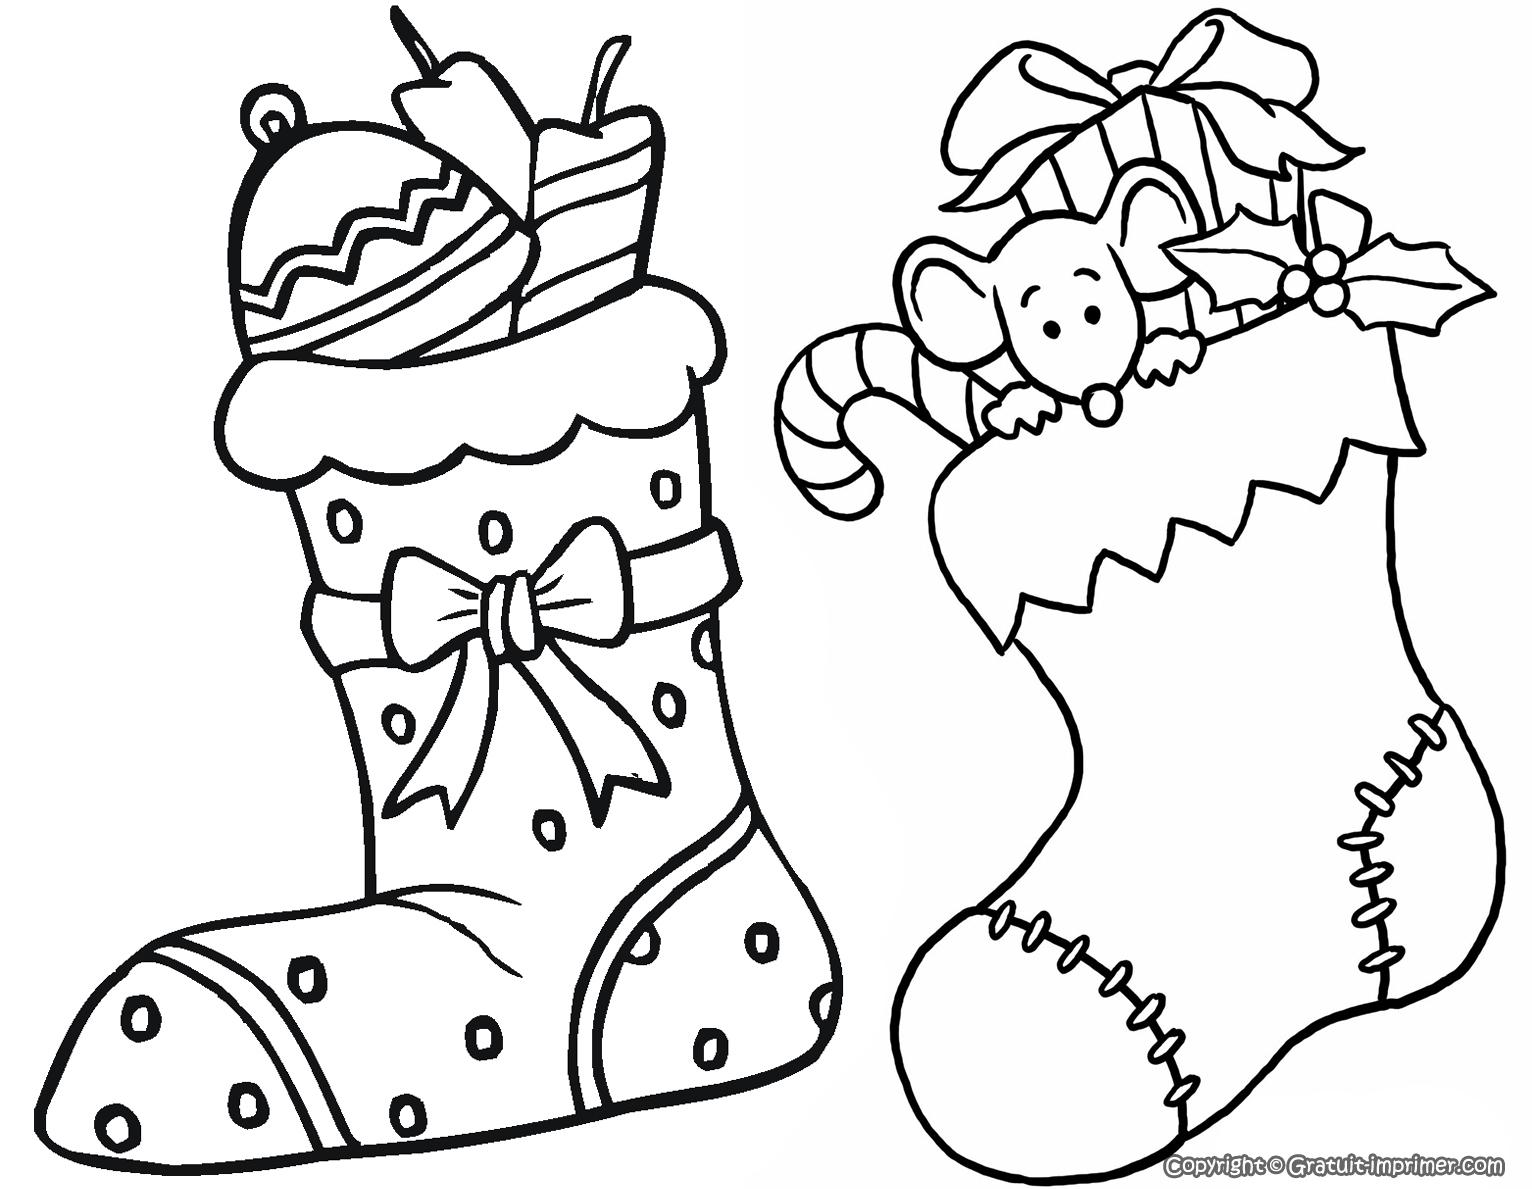 Coloriage Père Noel À Imprimer Pour Les Enfants - Cp20649 avec Pere Noel A Imprimer Et A Decouper